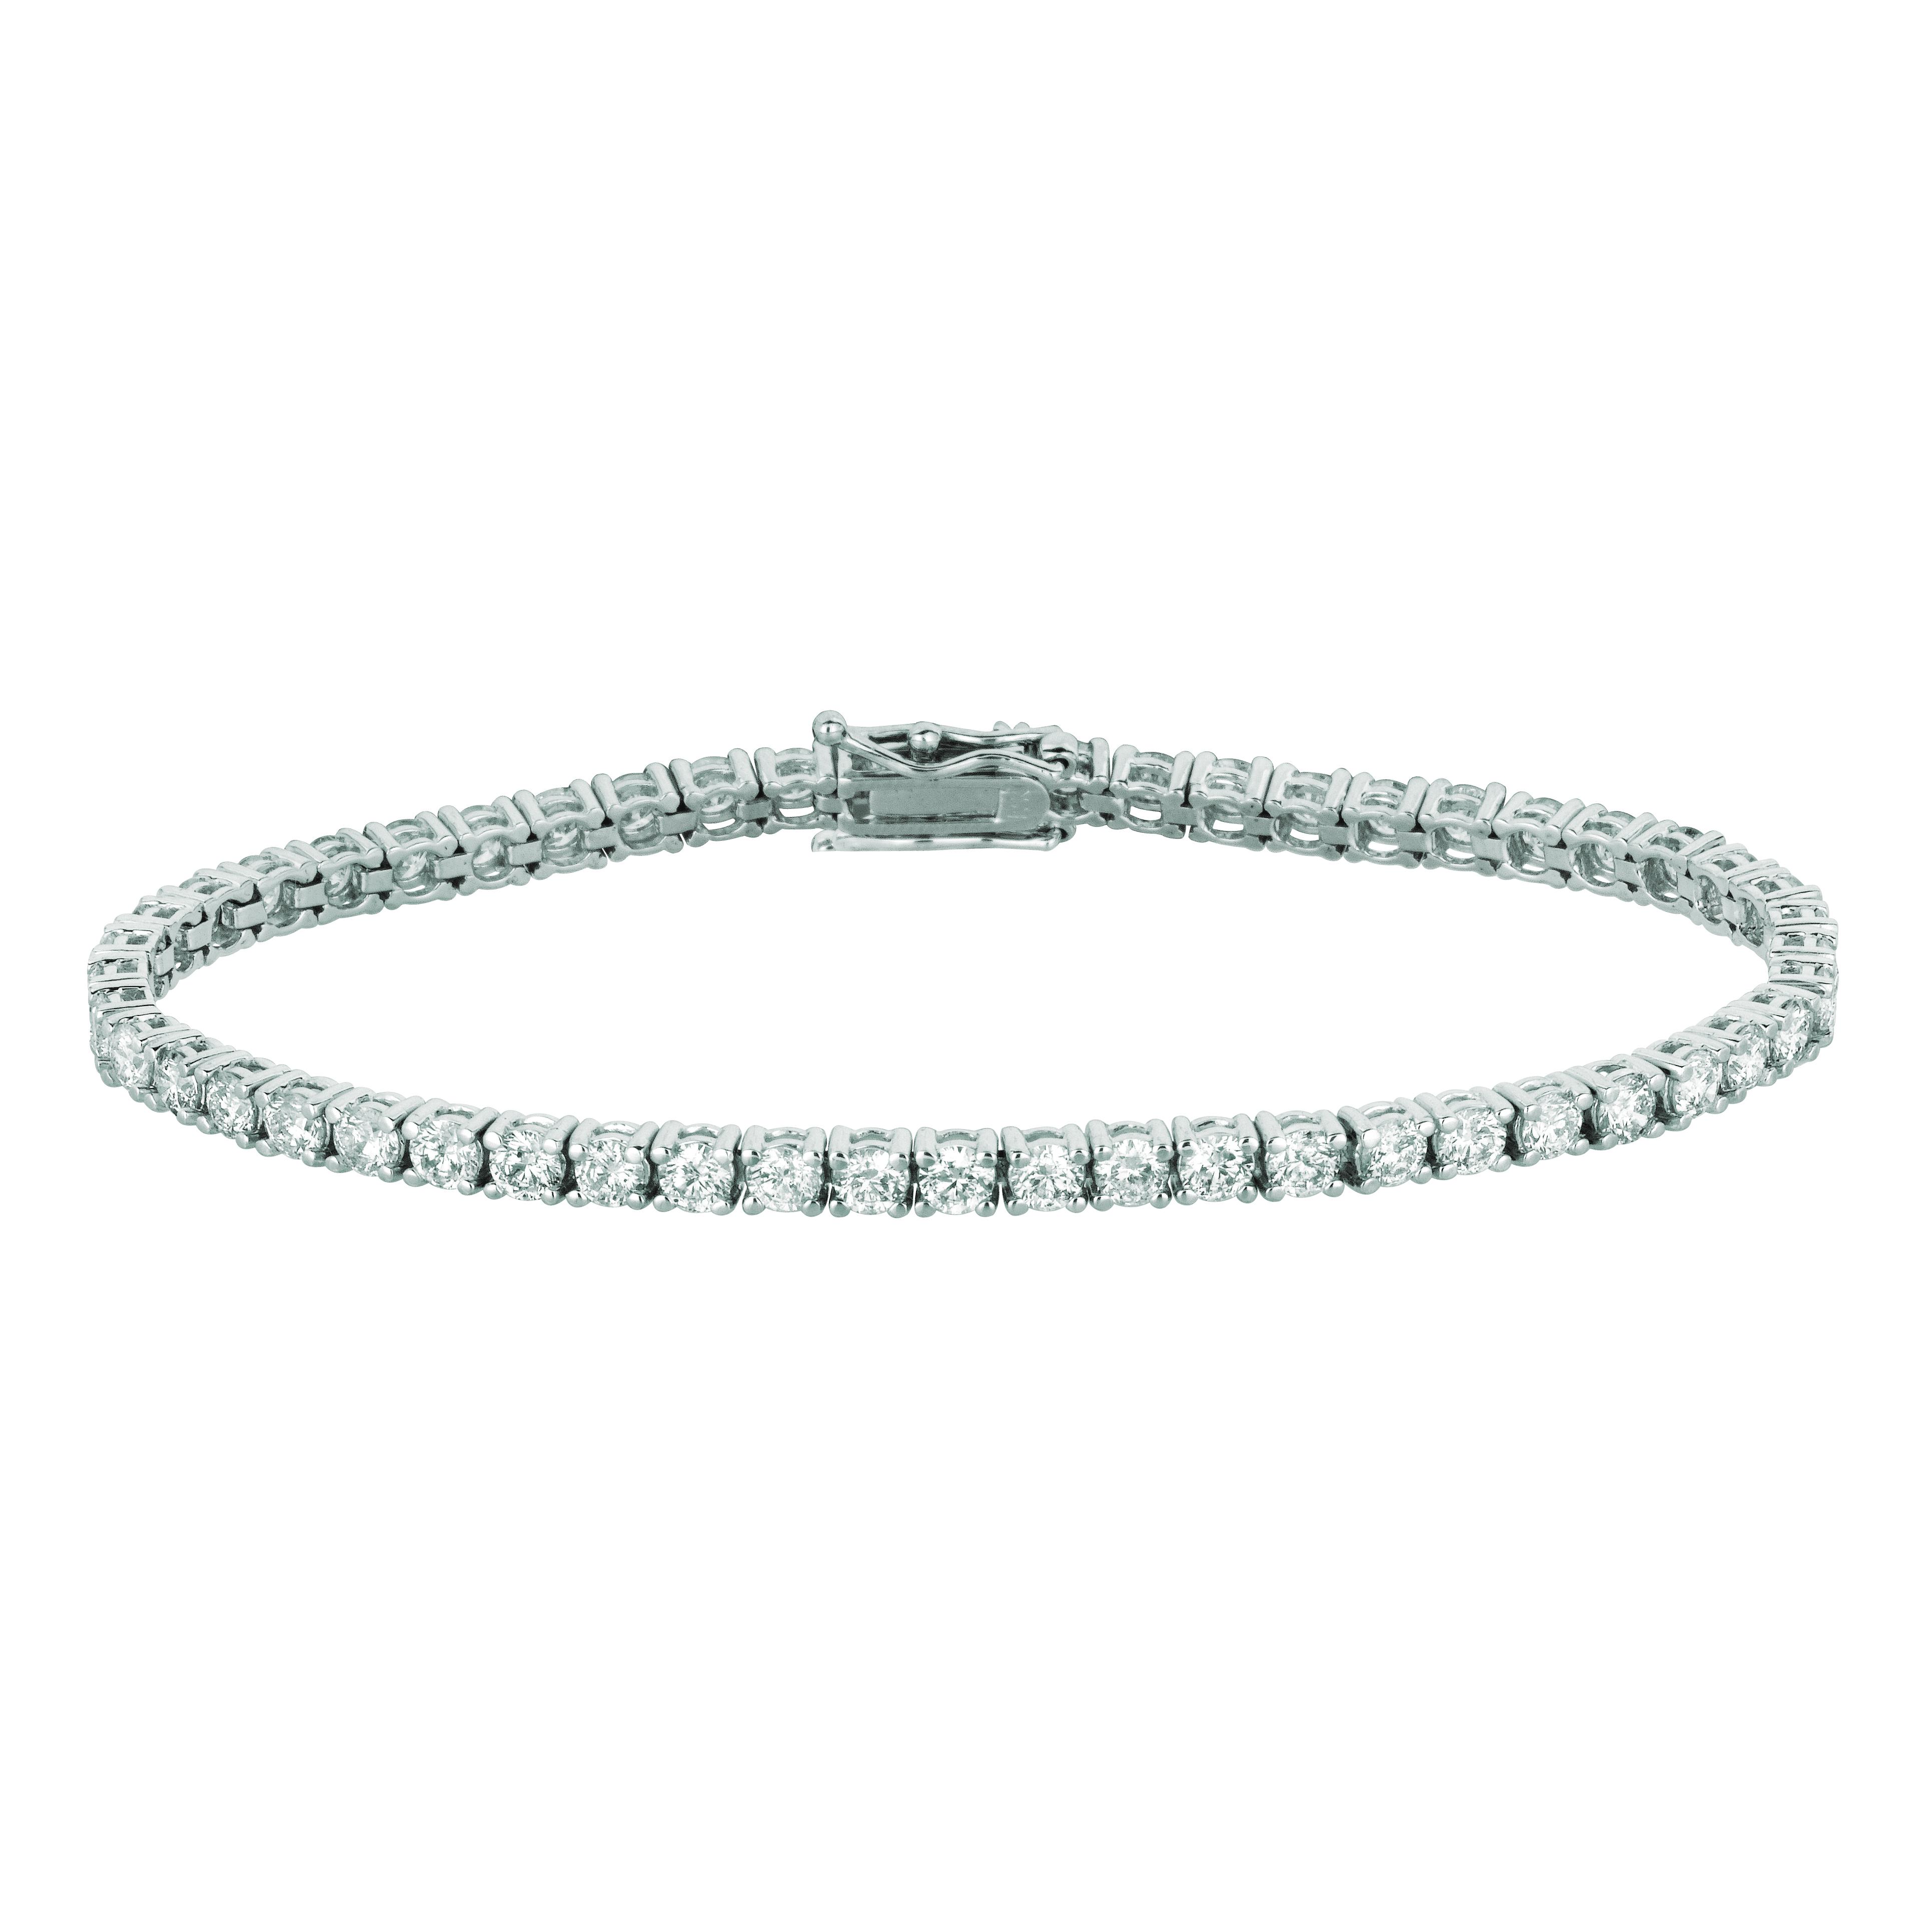 10 Pointer diamond bracelet. Price: $8449.33